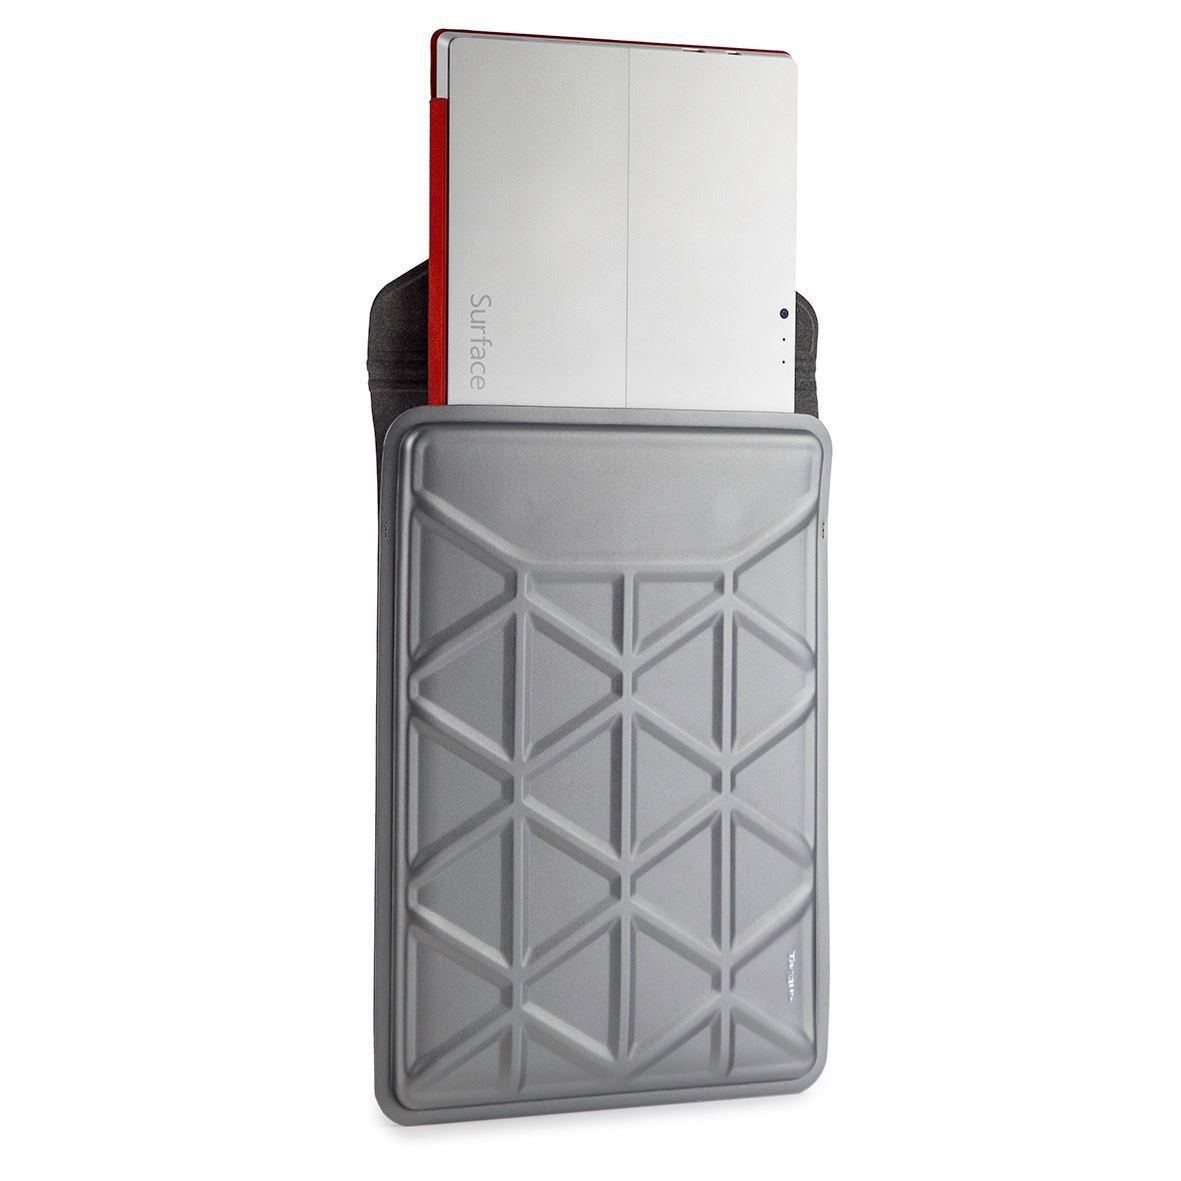 pro tek 11 6 13 3 inch laptop sleeve for 2 in 1 39 s macbook. Black Bedroom Furniture Sets. Home Design Ideas